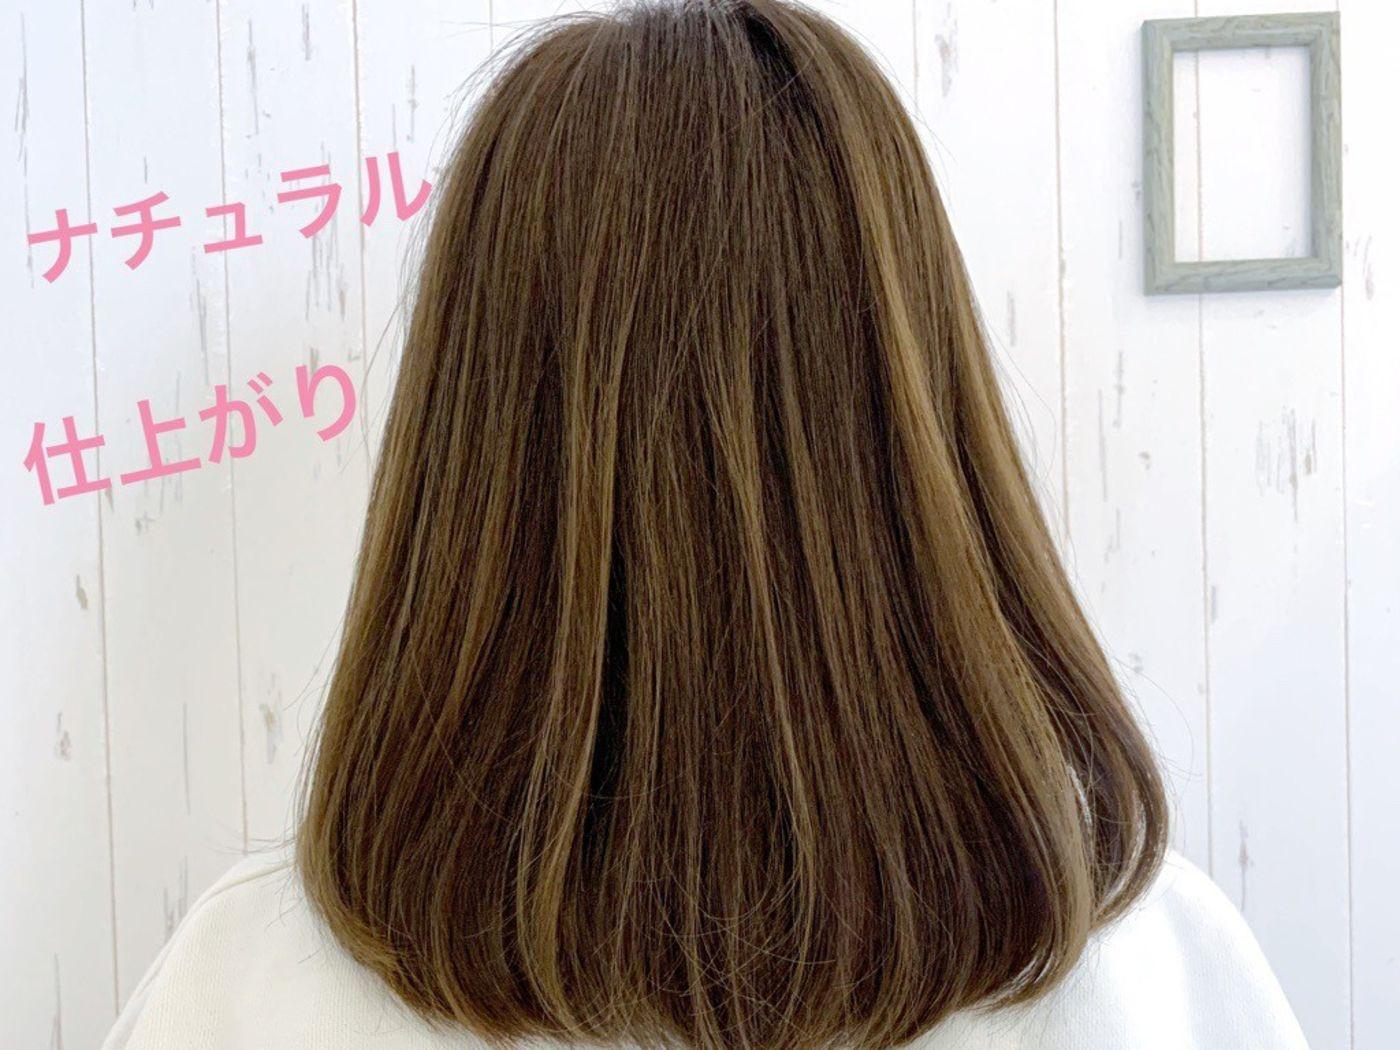 髪の癖を綺麗に馴染ませる髪質改善チューニング